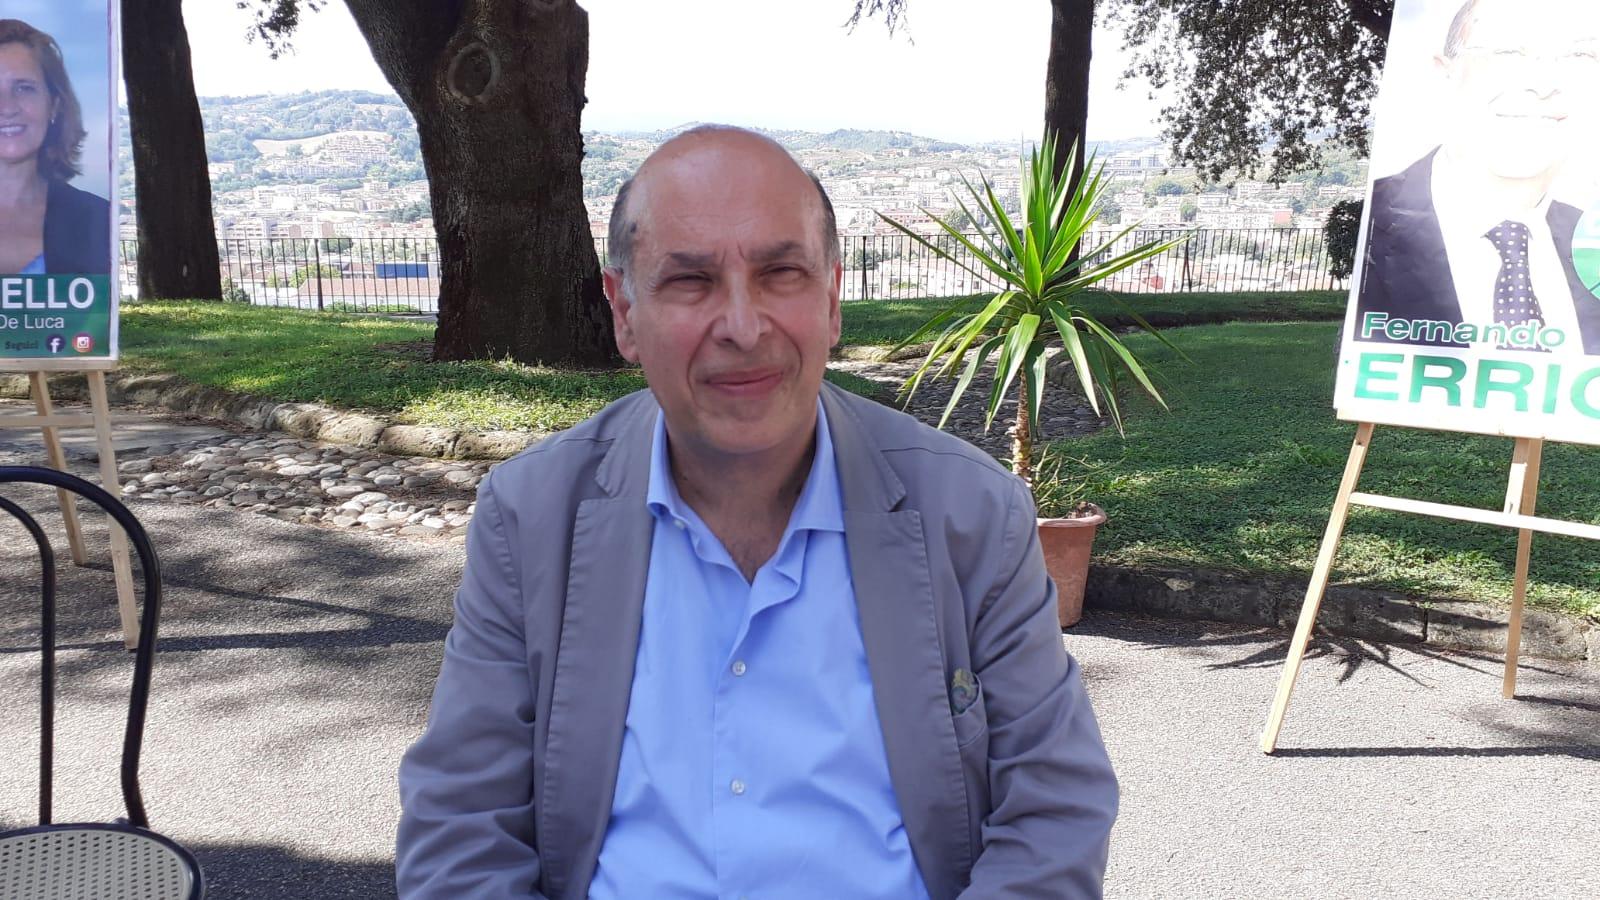 """Fernando Errico: """"Aumentate le dosi di vaccino per la Campania. Avanti in sinergia tra Governo e Regione"""""""